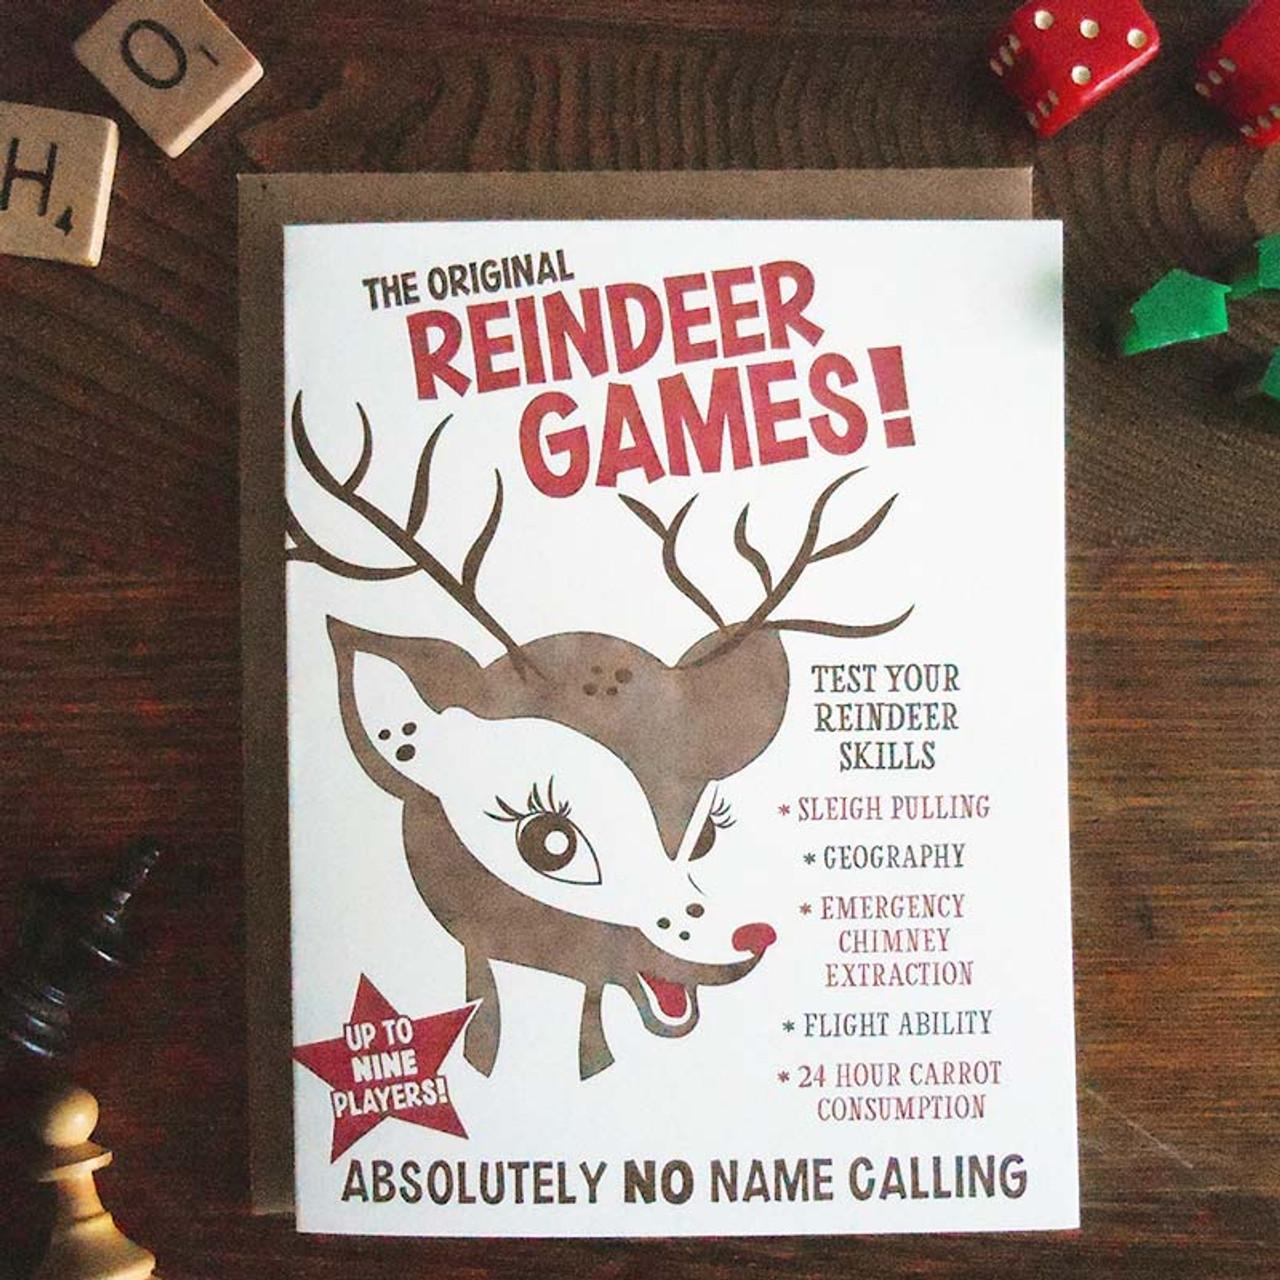 Vintage Styled Retro Reindeer Games Christmas Card